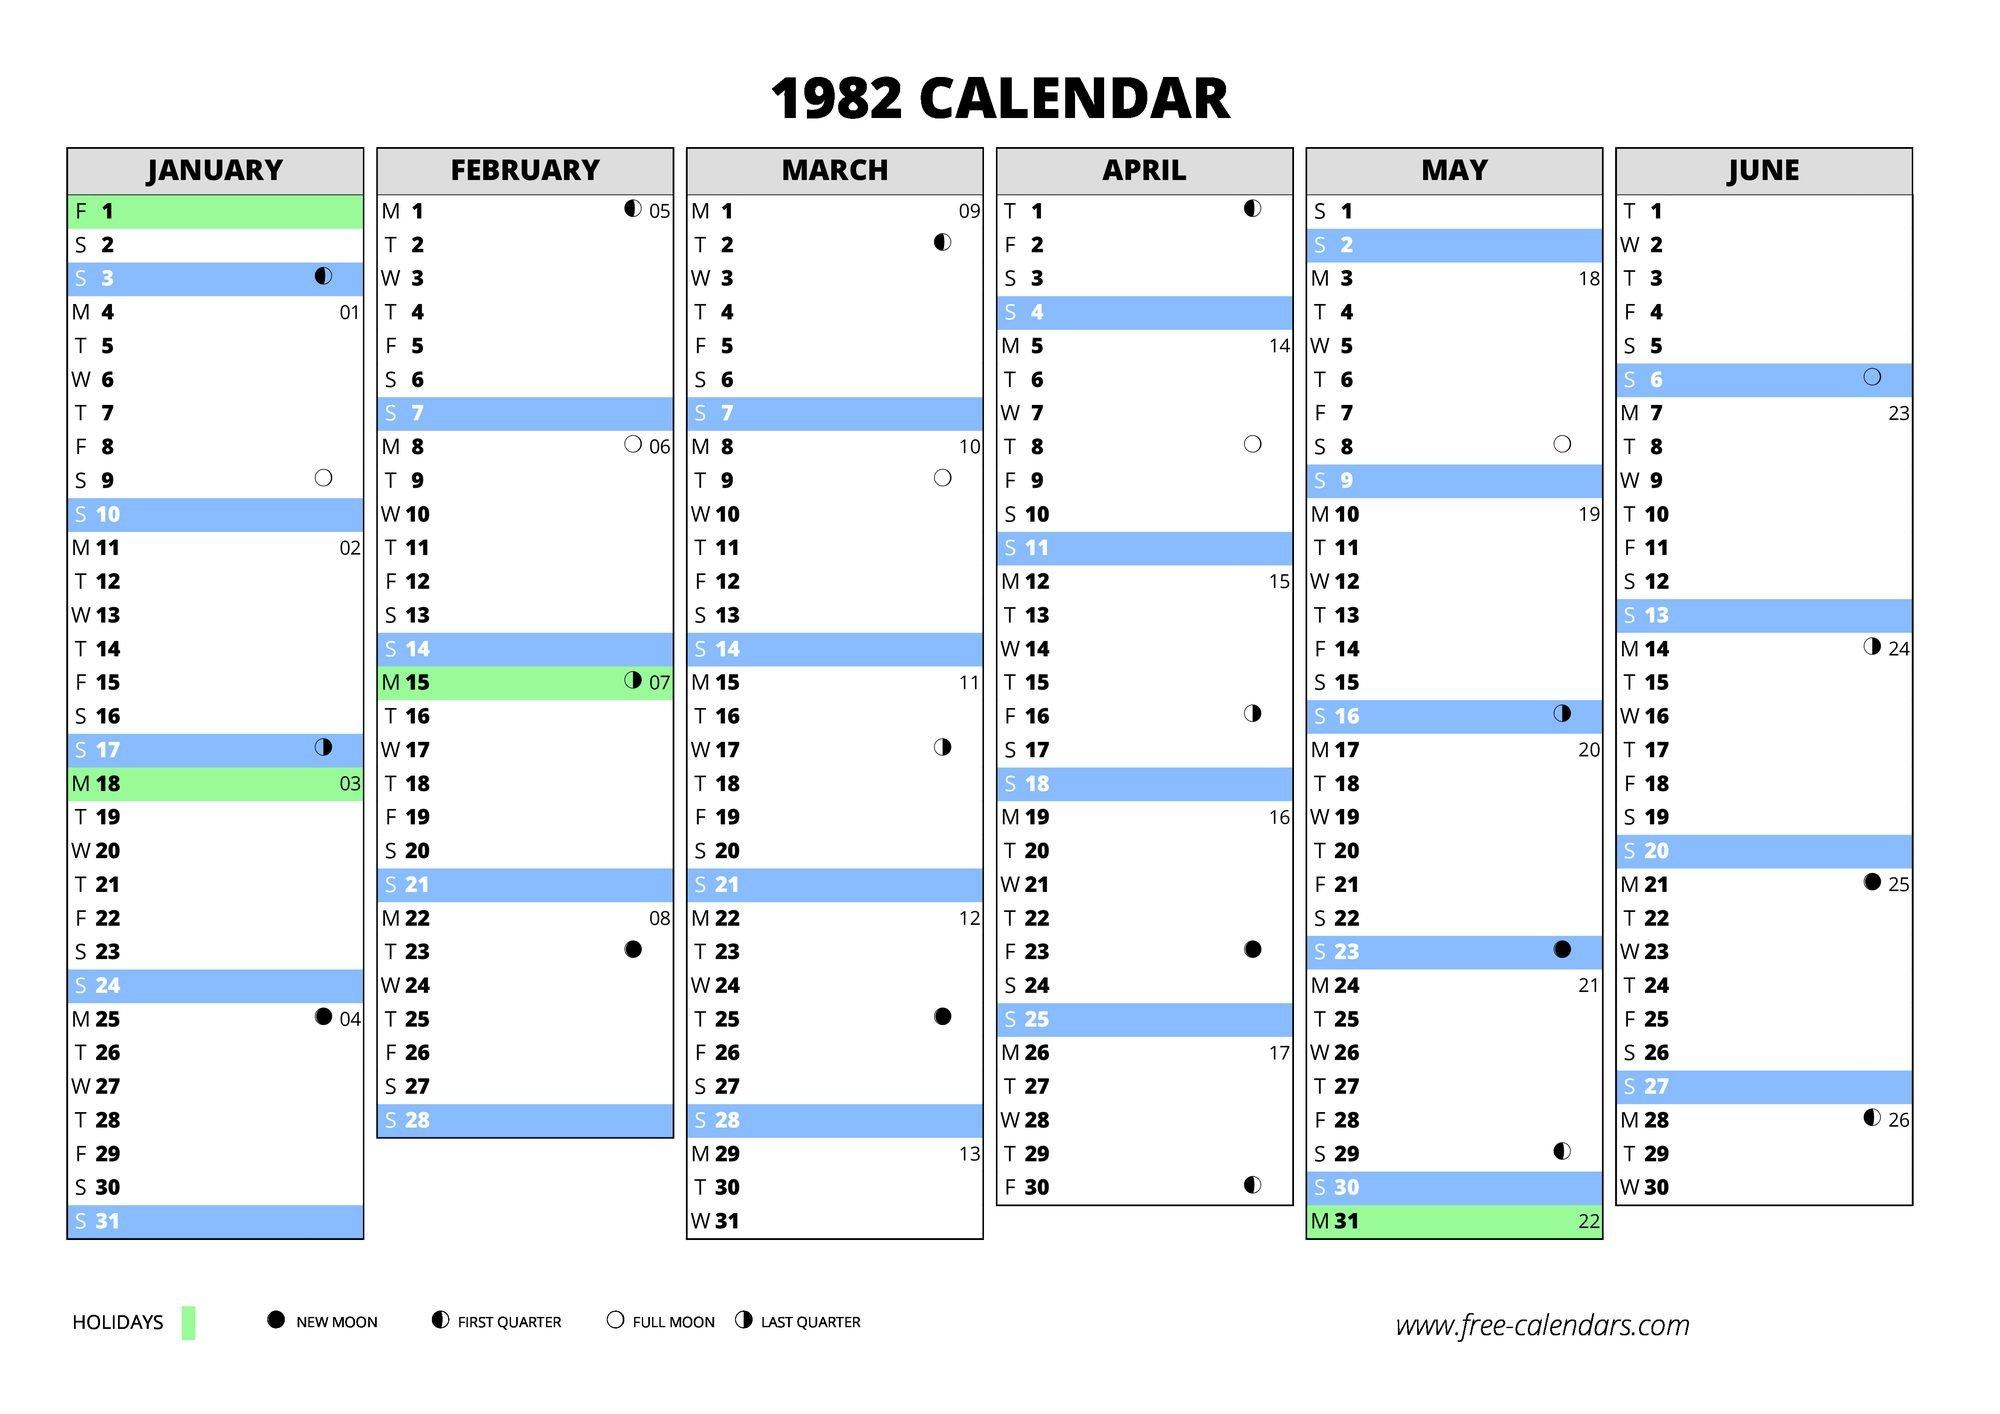 1982 Calendar ≡ Free-Calendars Weekly Numbered 52 Week Calendar Printable